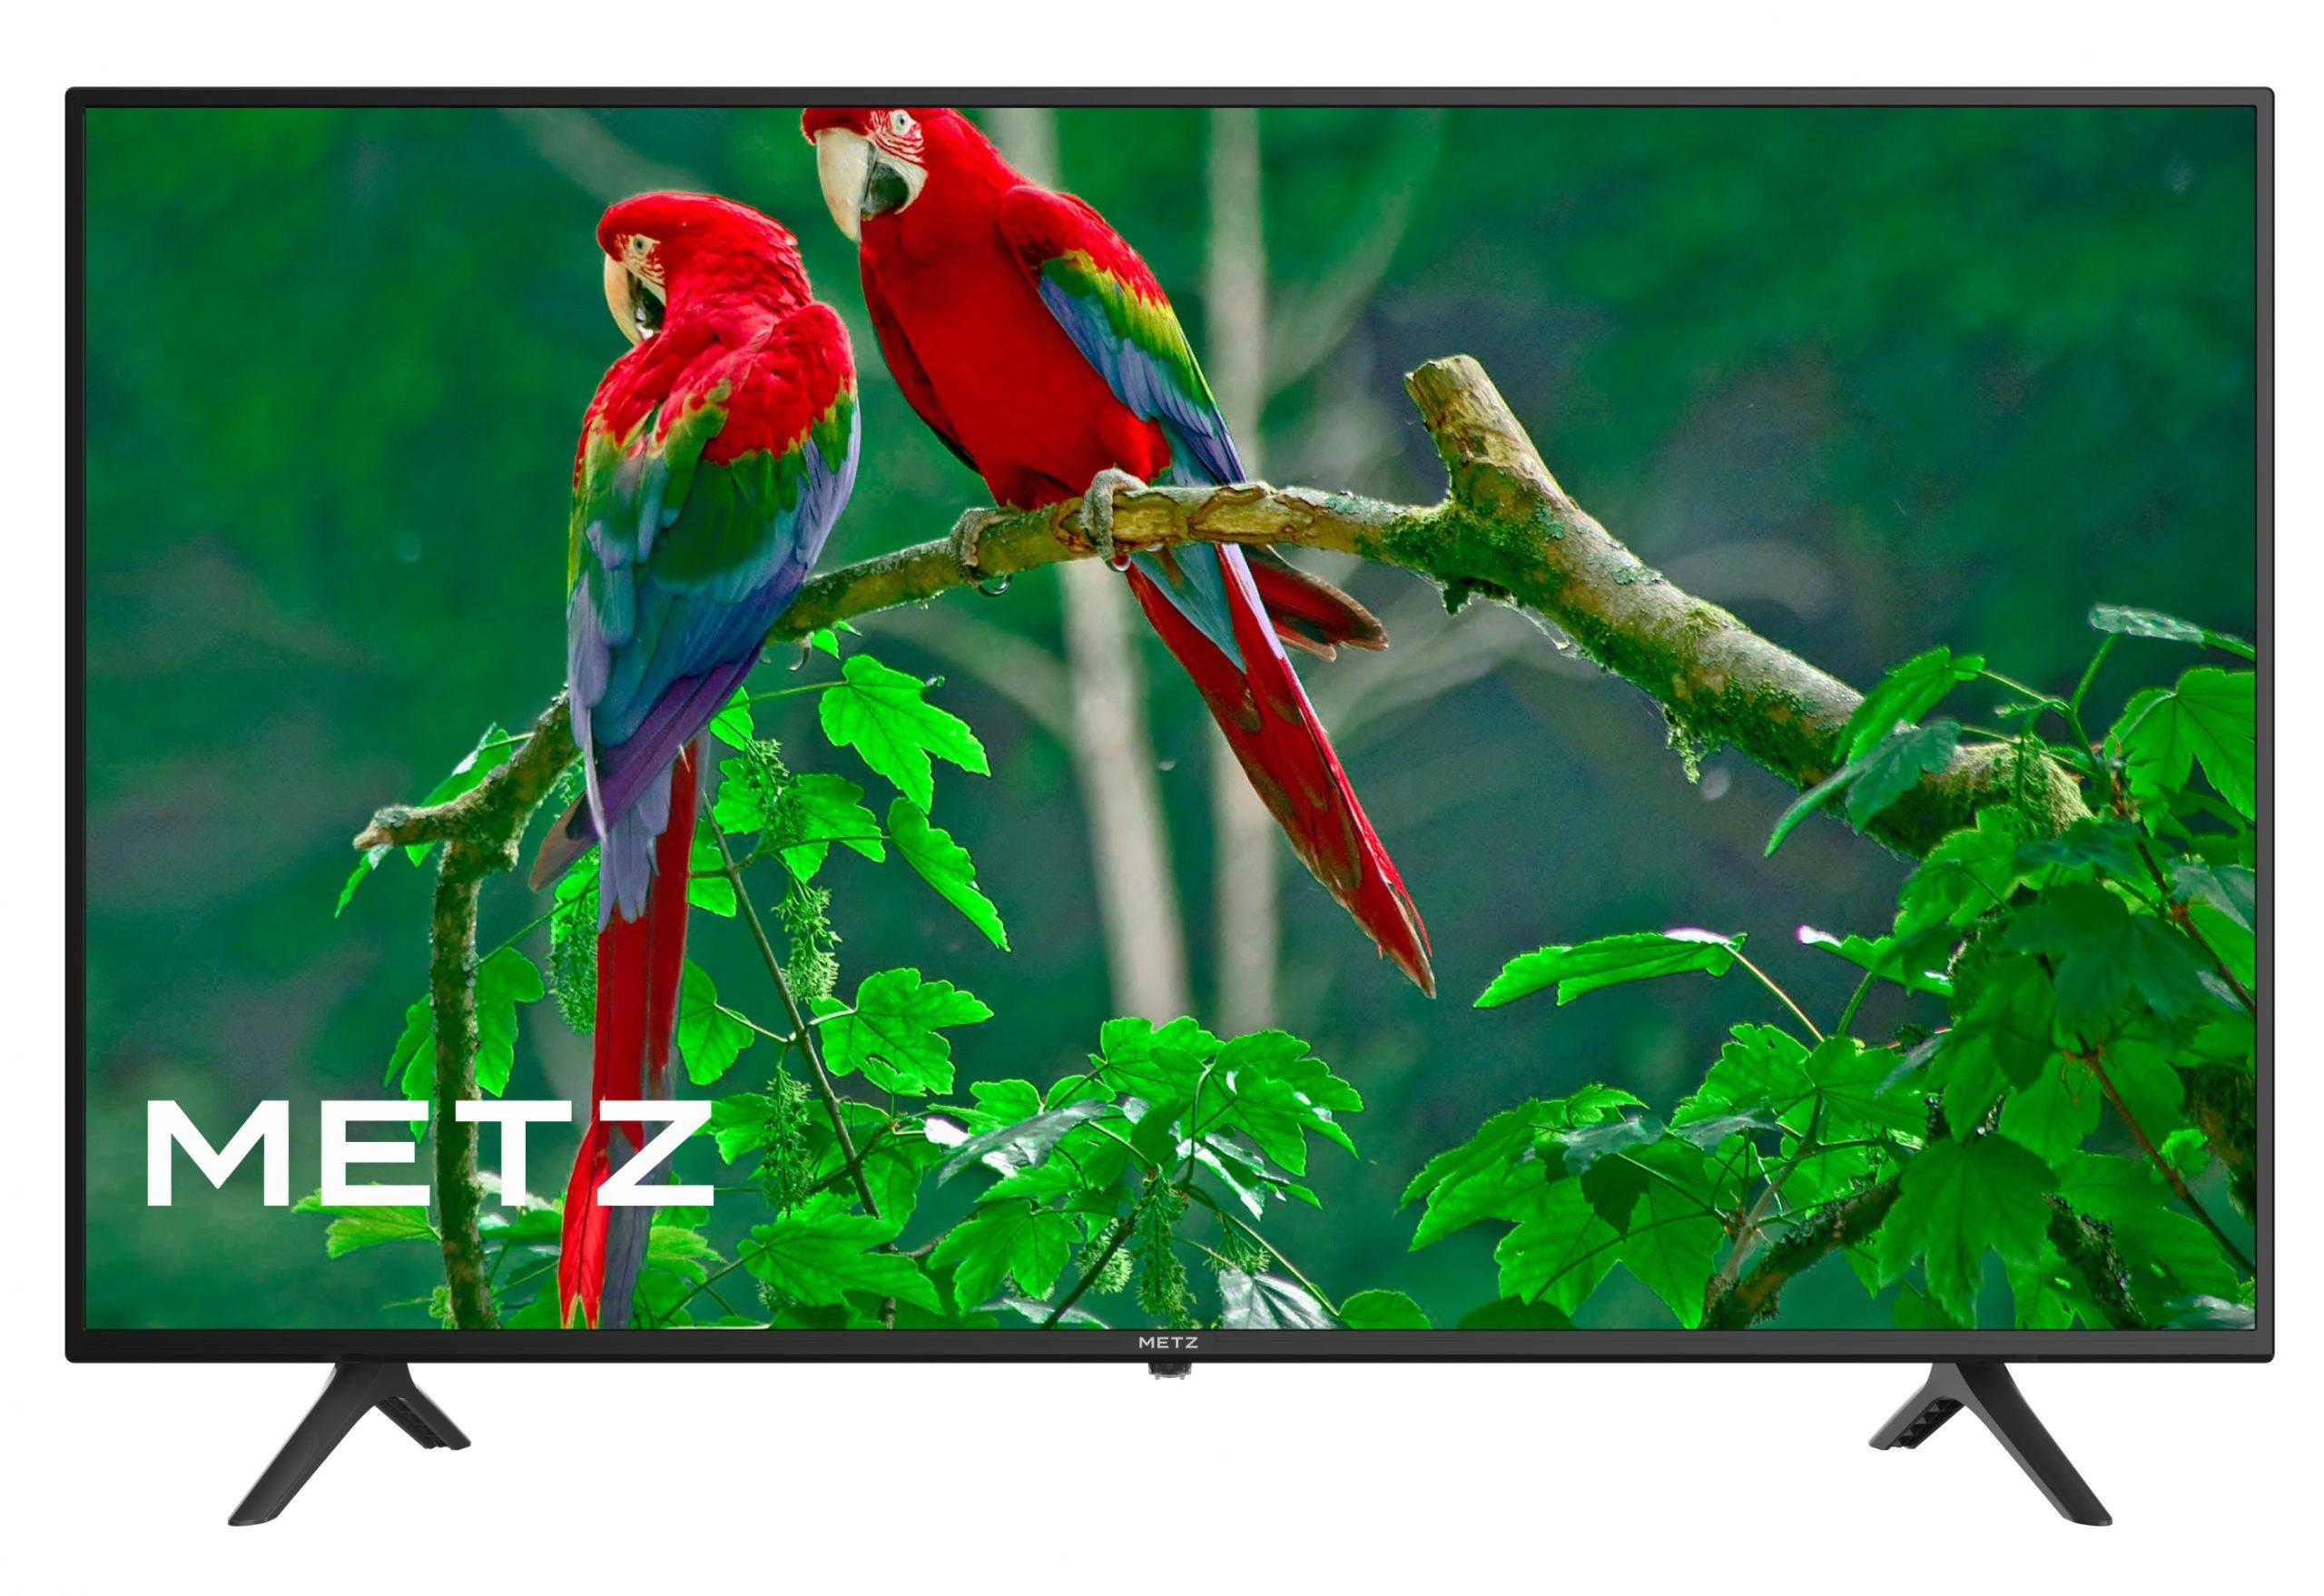 Piccoli Televisori Carrefour